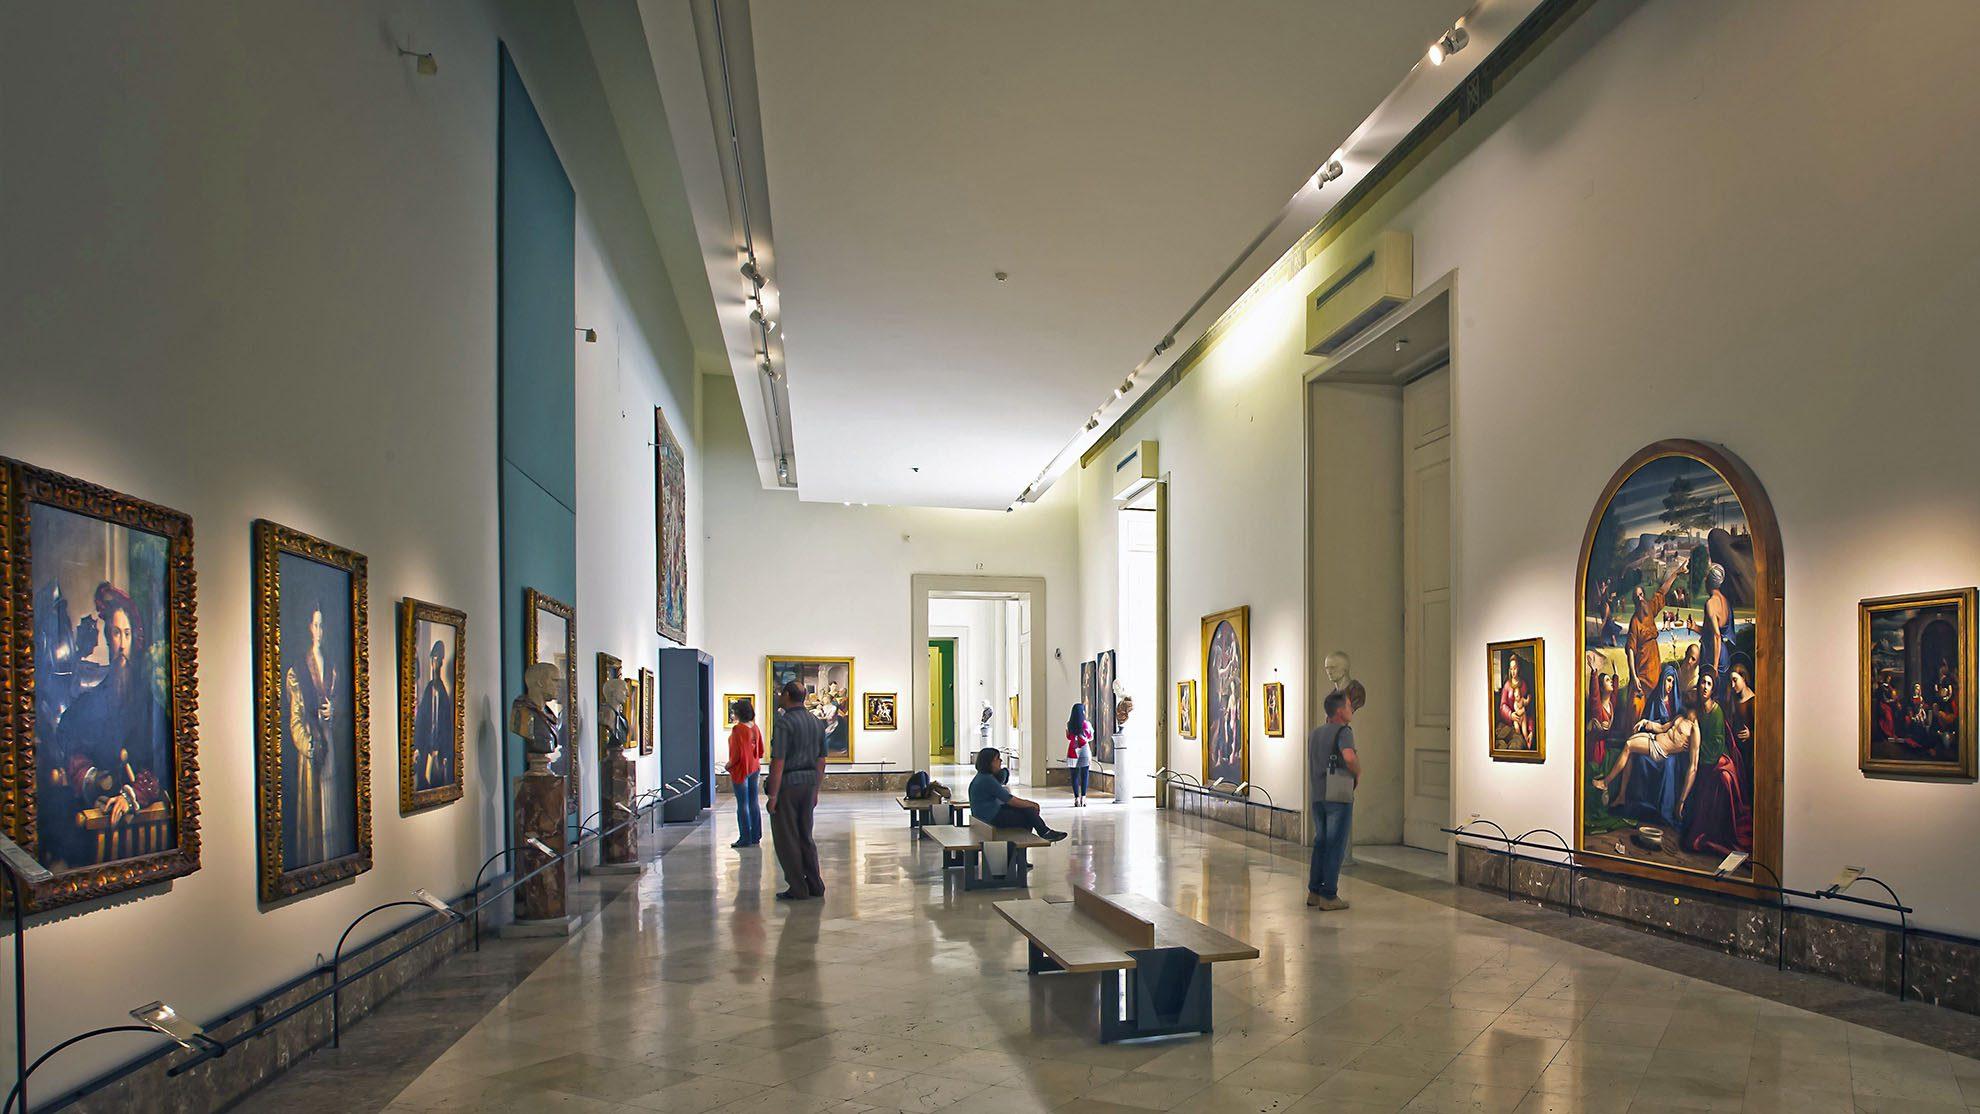 Museo-di-Capodimonte-Sala-12-Foto-di-Giuseppe-Salviati